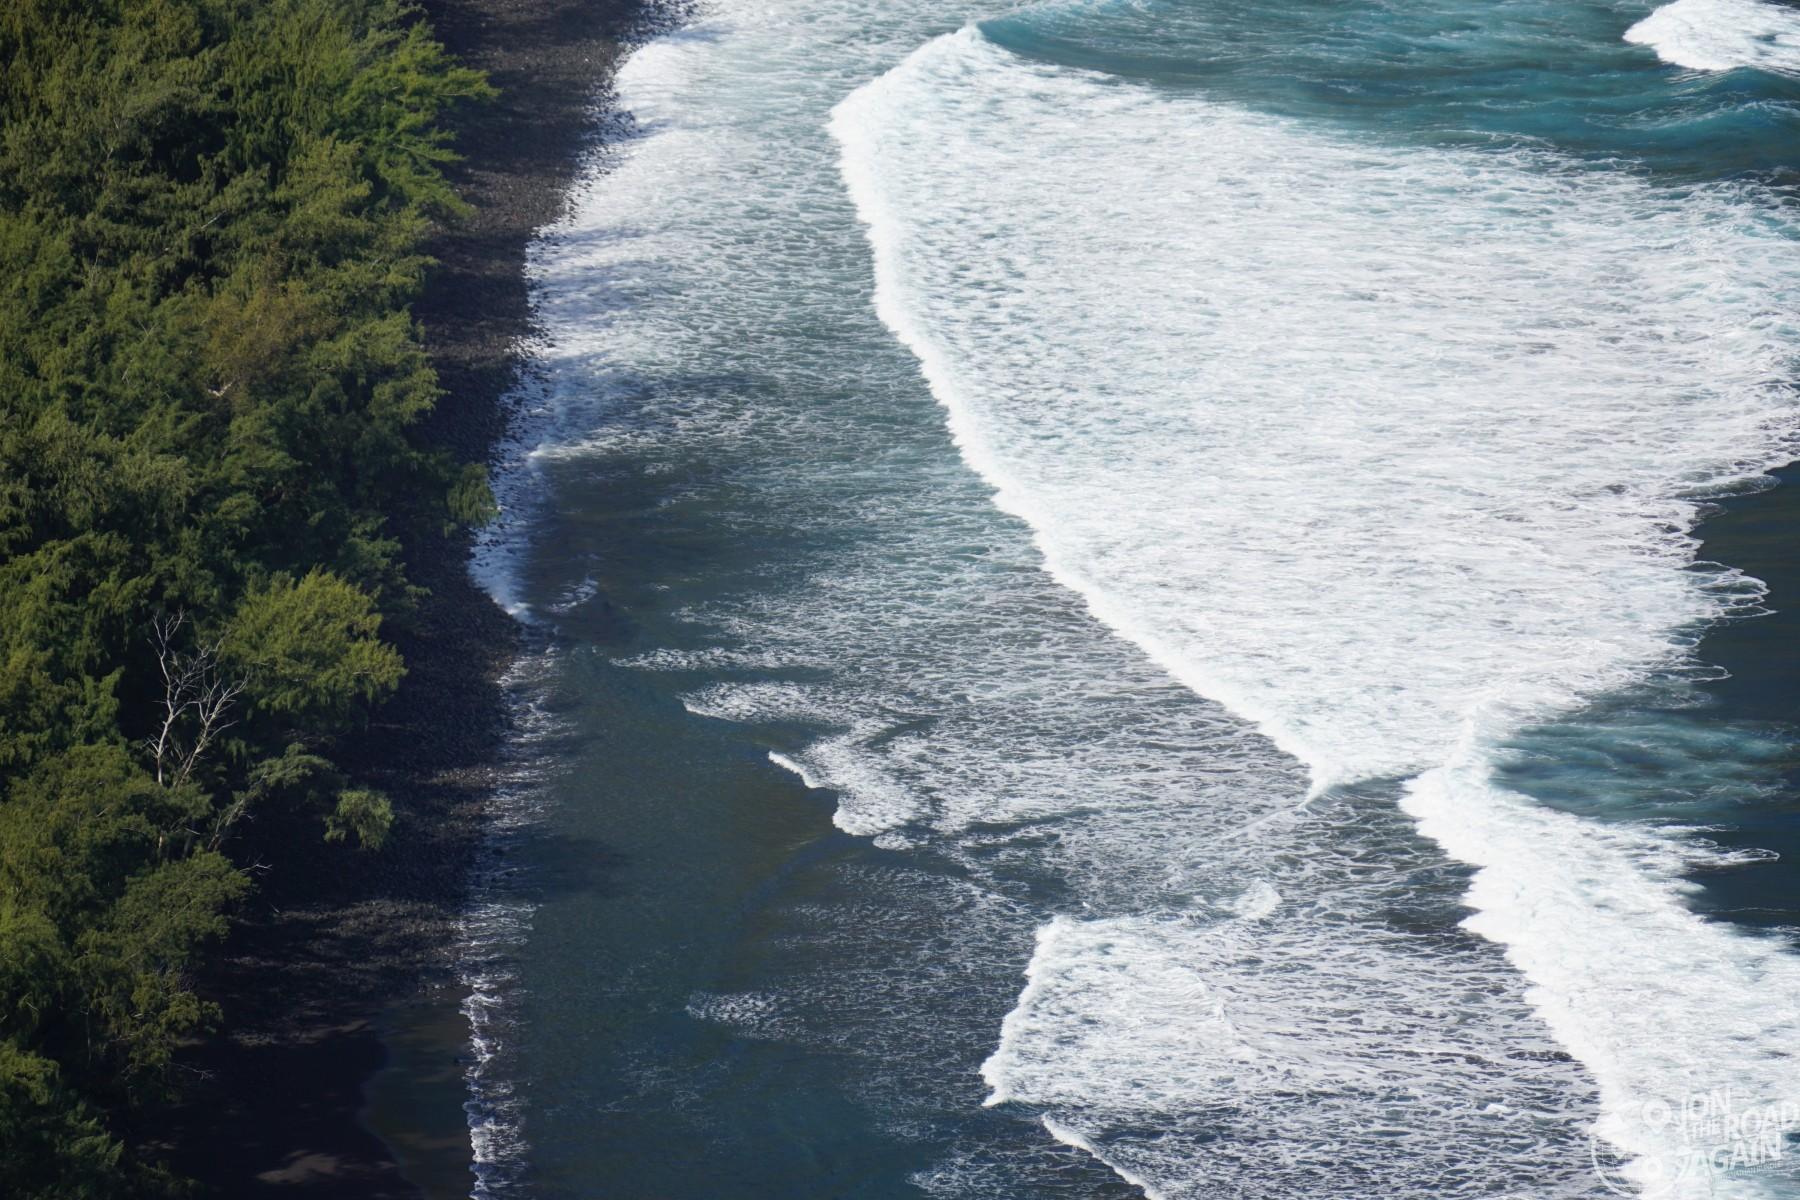 Waipio Valley Surf